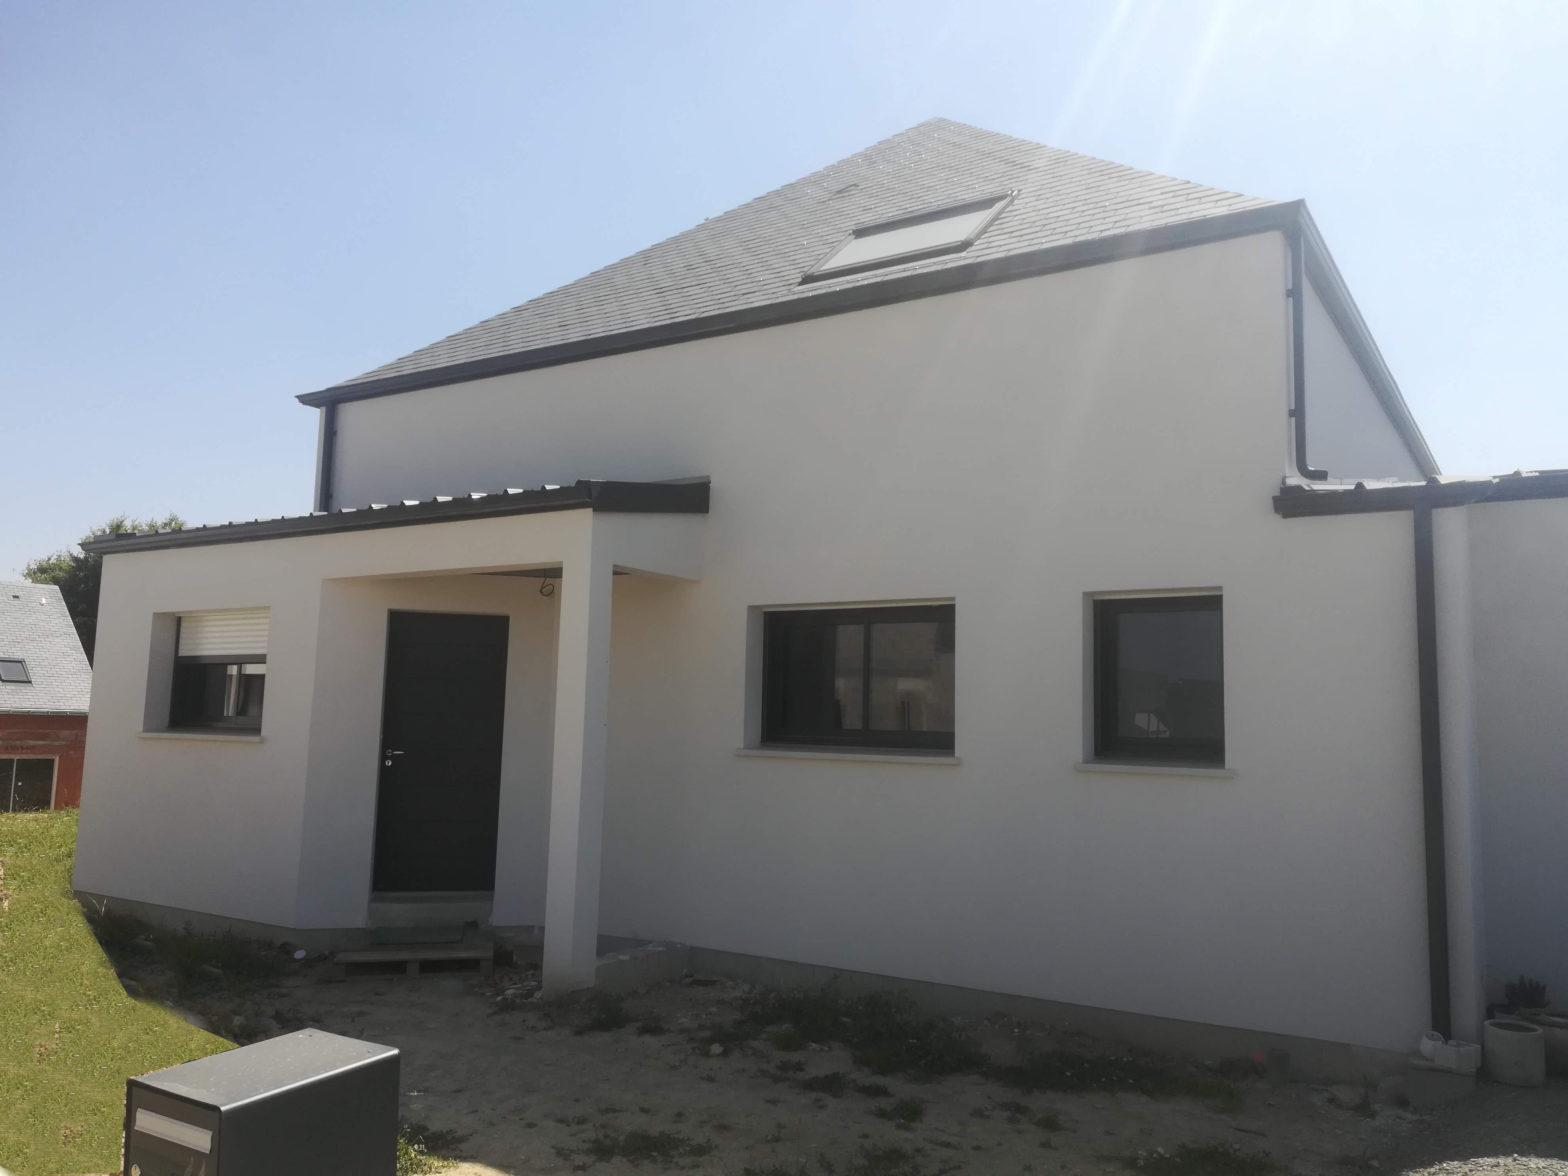 maison,etage,comble,toiture-ardoise,saint-clement-de-la-place